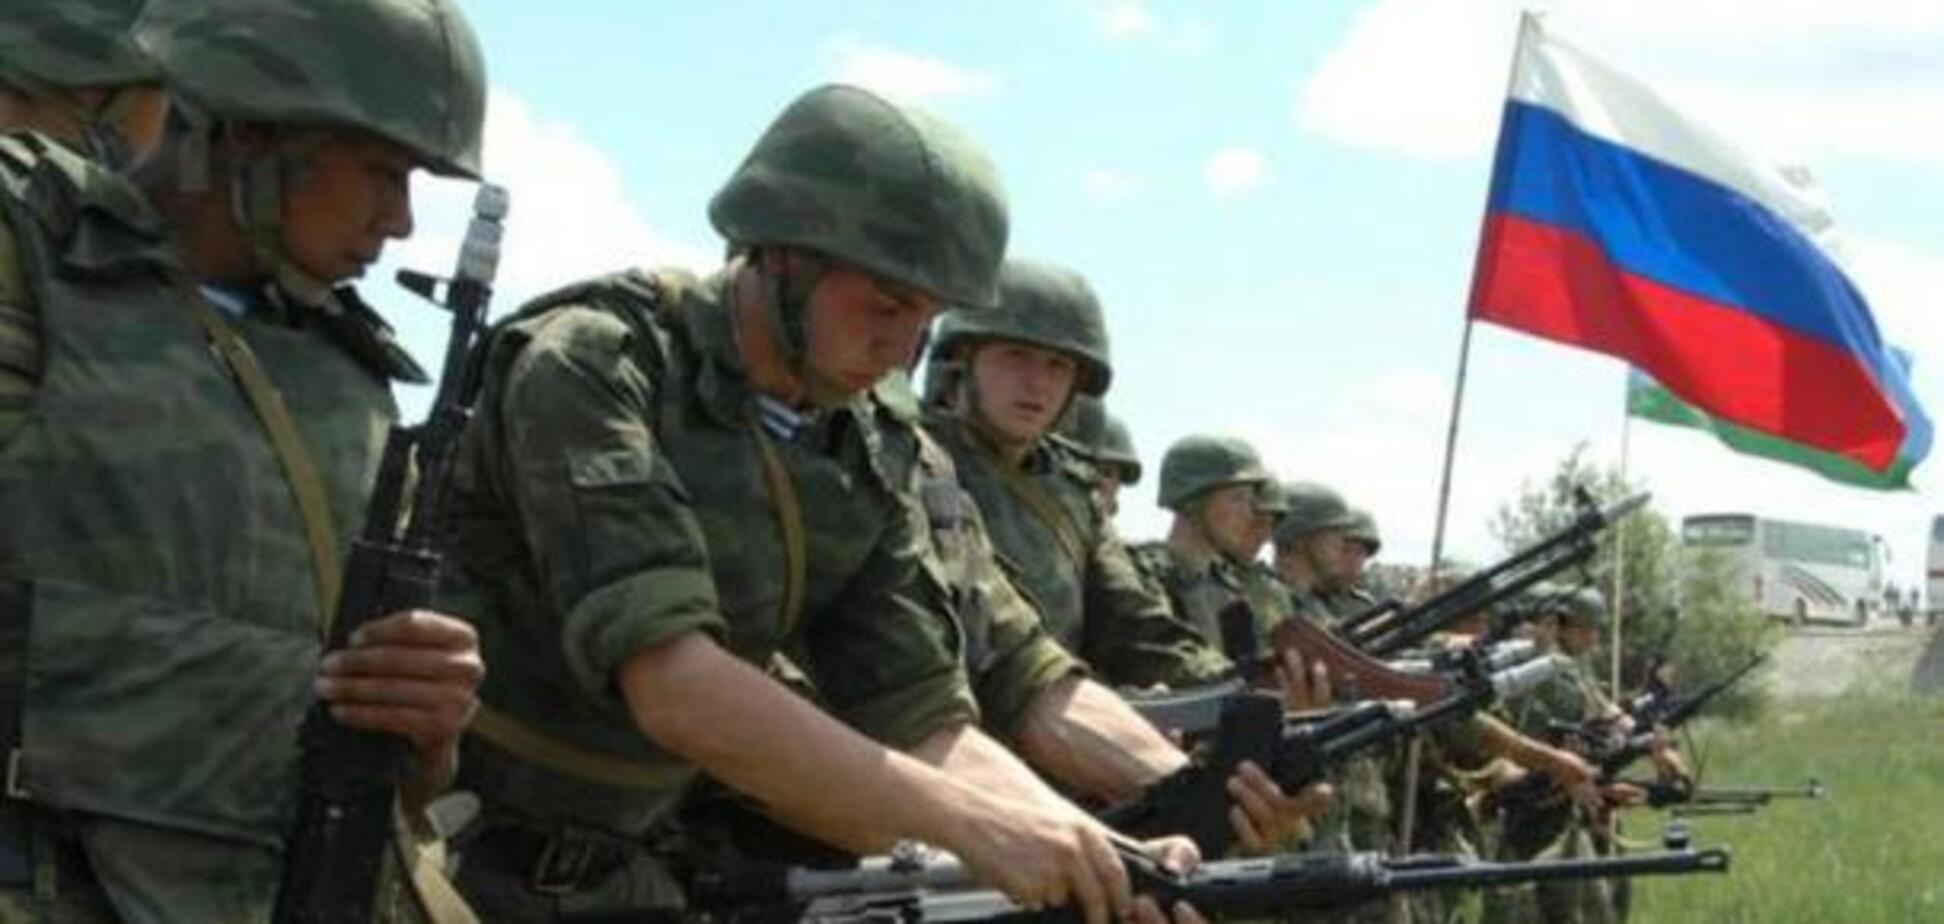 Білорусь уже окупували: військовий експерт розповів про небезпеку навчань Путіна